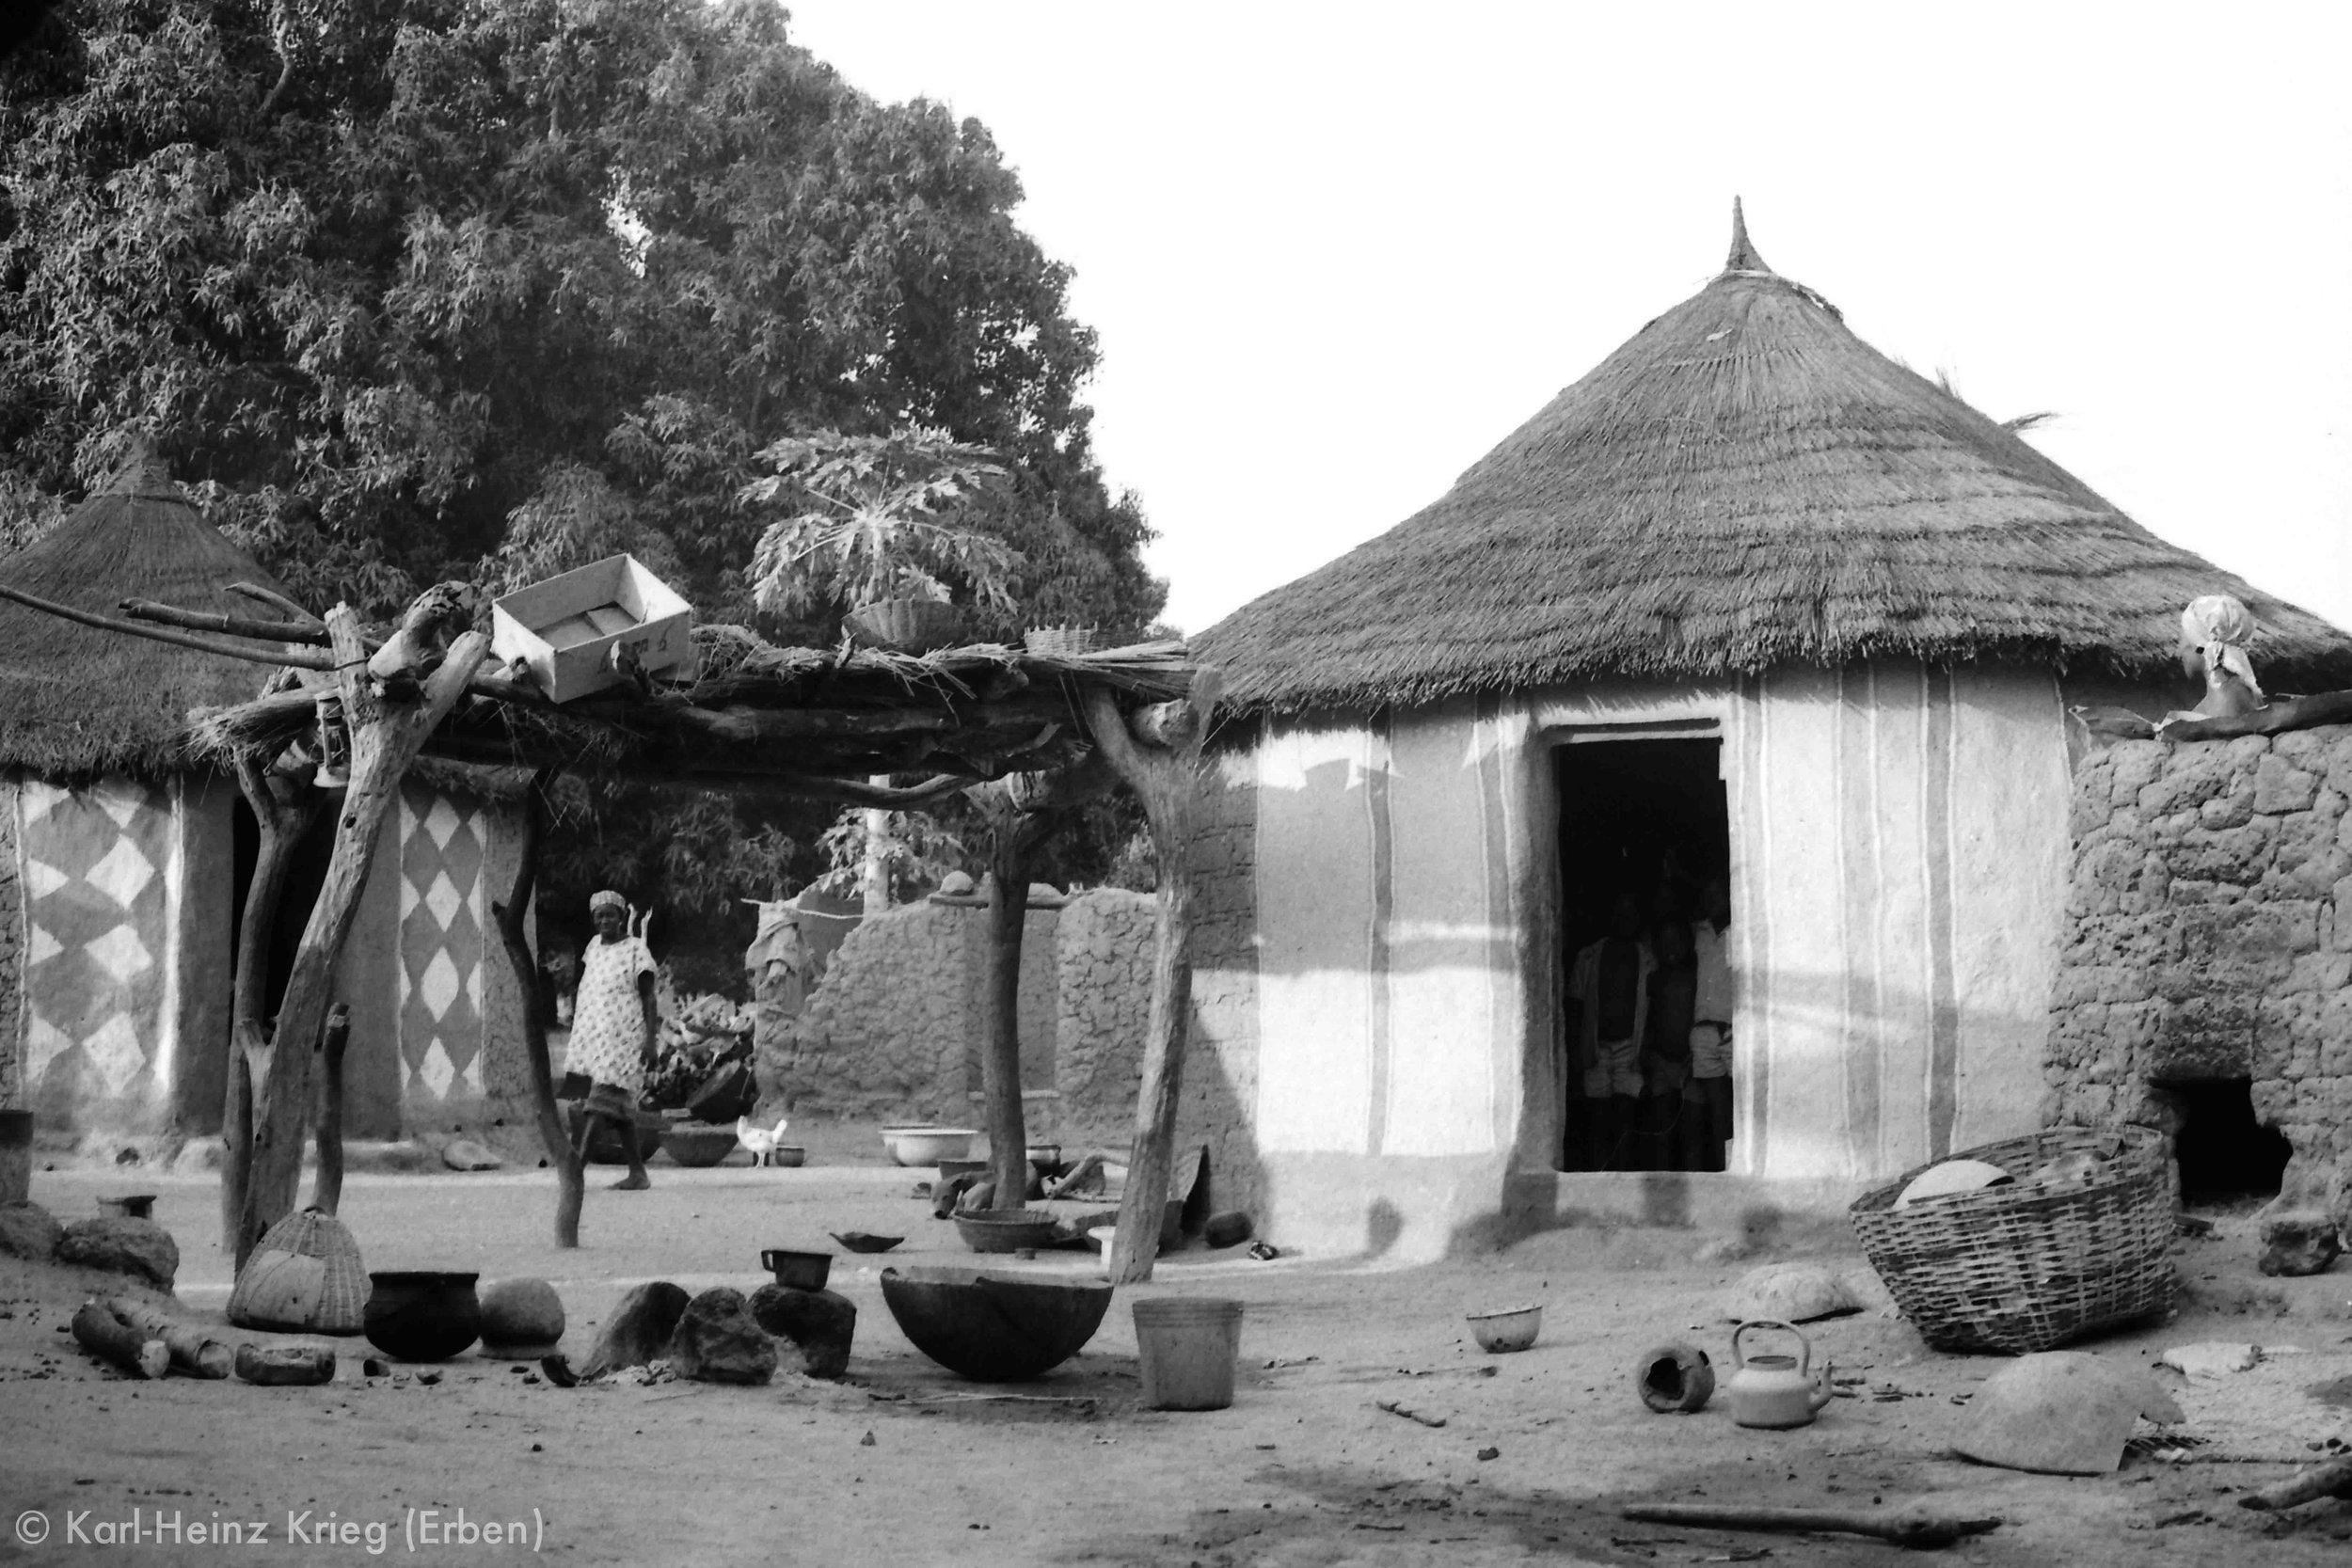 Bemalte Frauenhäuser in Diamankani (Region von Tengréla, Côte d'Ivoire). Foto: Karl-Heinz Krieg, 1978